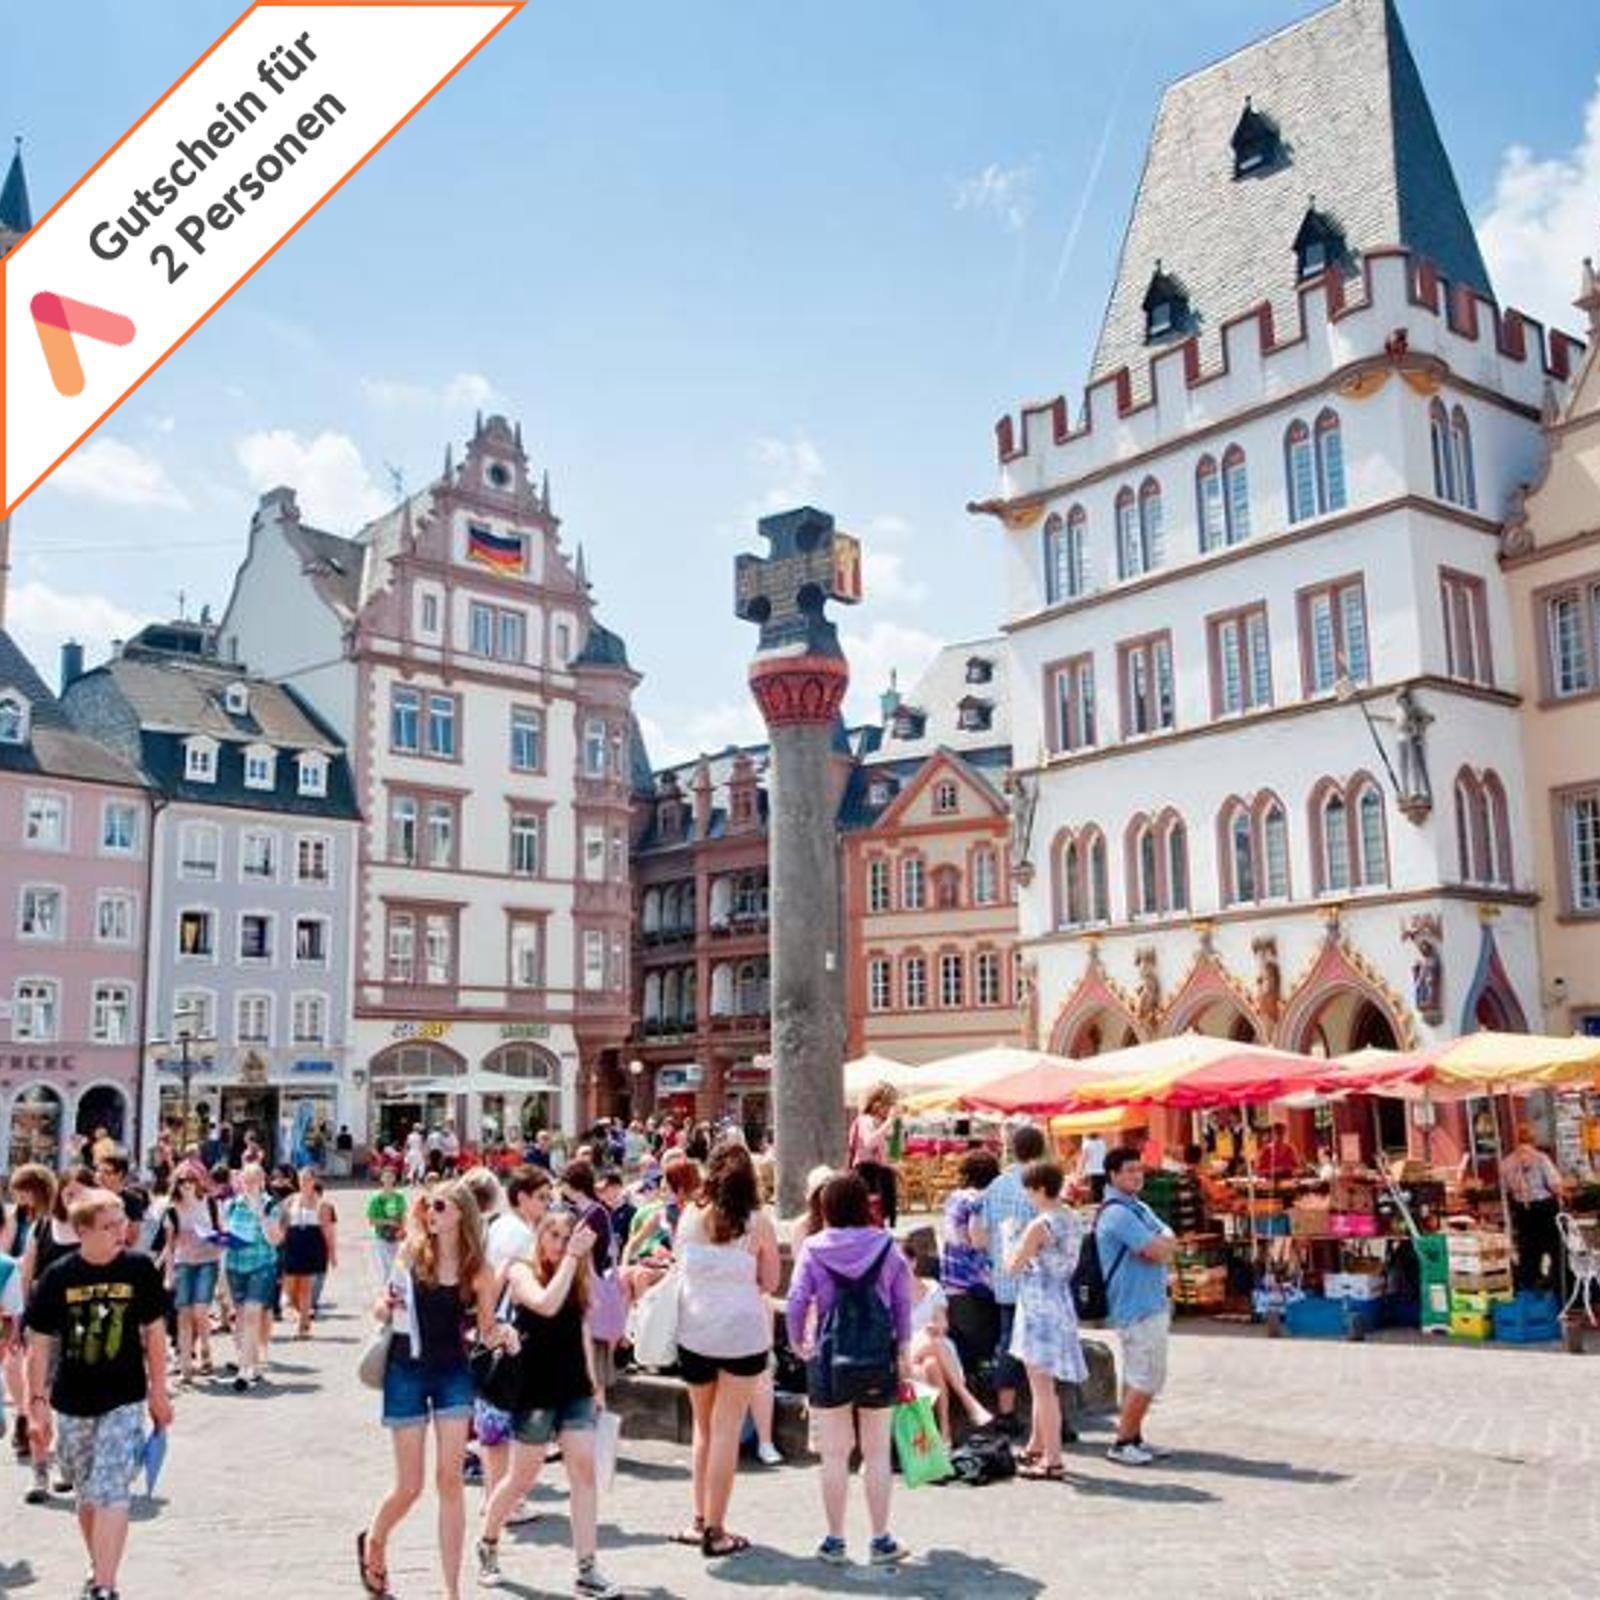 Kurzreise Trier Mosel 4 Tage 4 Sterne Hotel 2 Personen Wellness Gutschein Animod